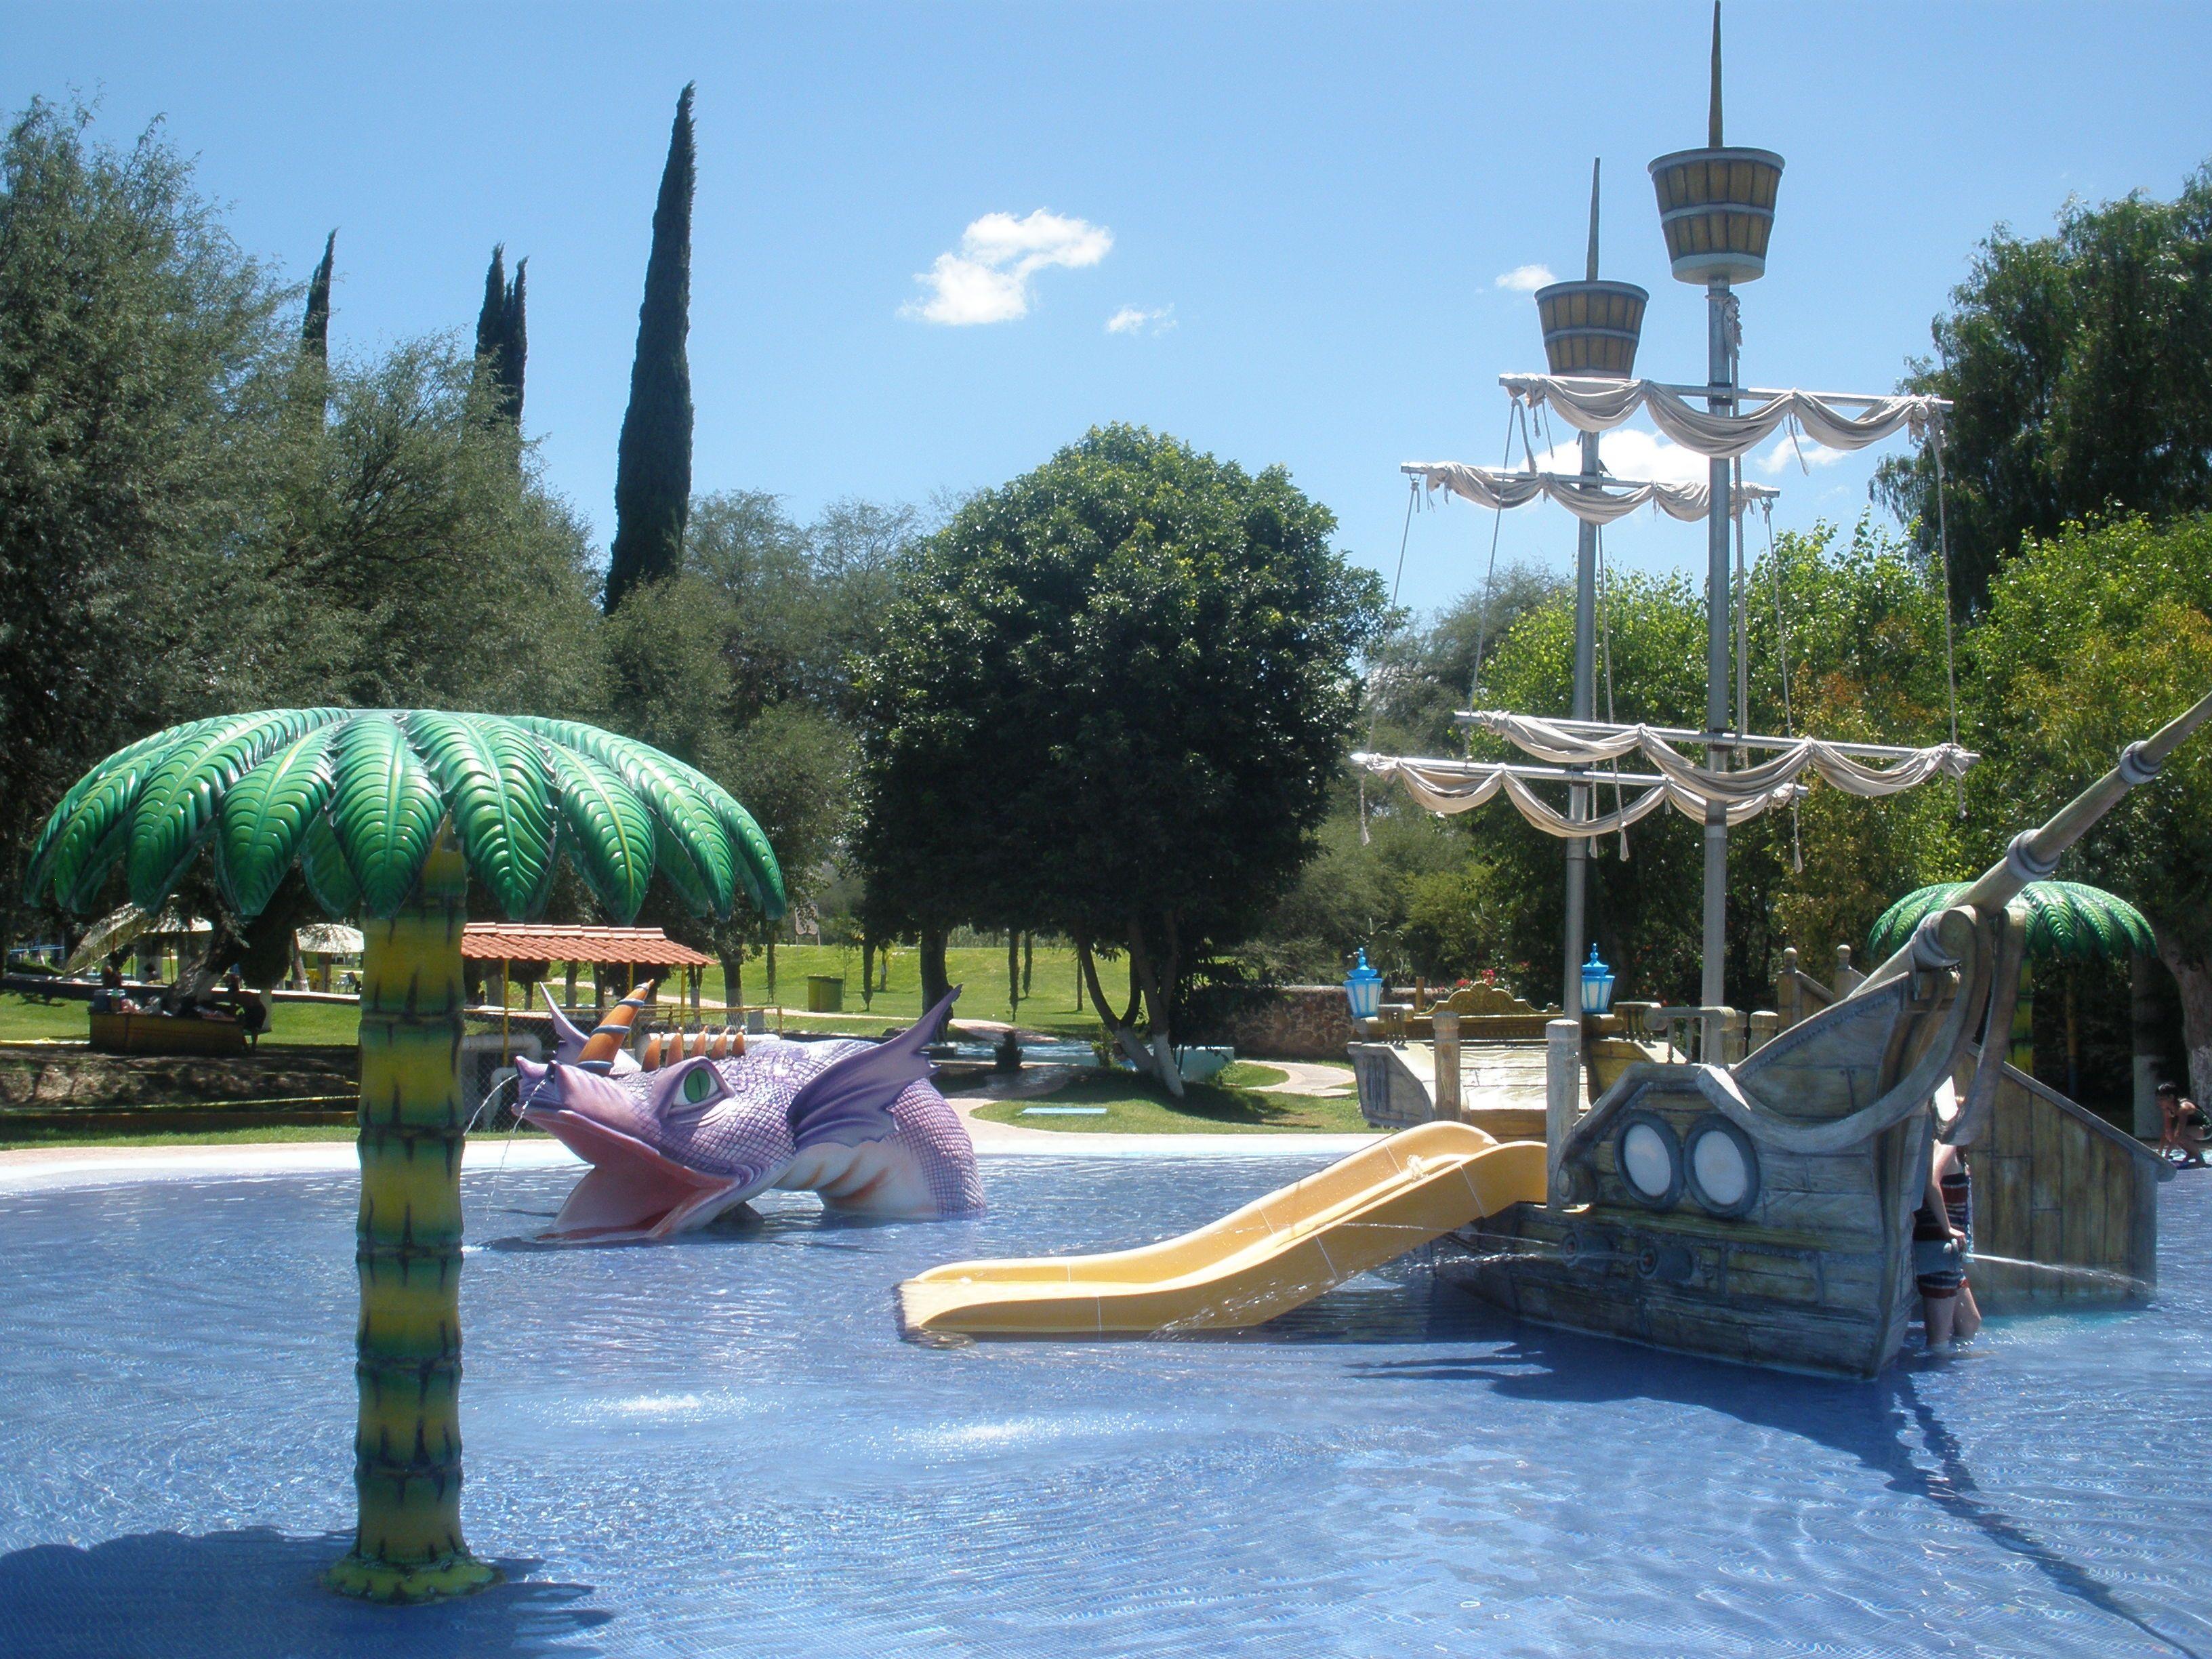 Balneario el arenal tecozautla hidalgo hidalgo pinterest for Balneario de fortuna precios piscina